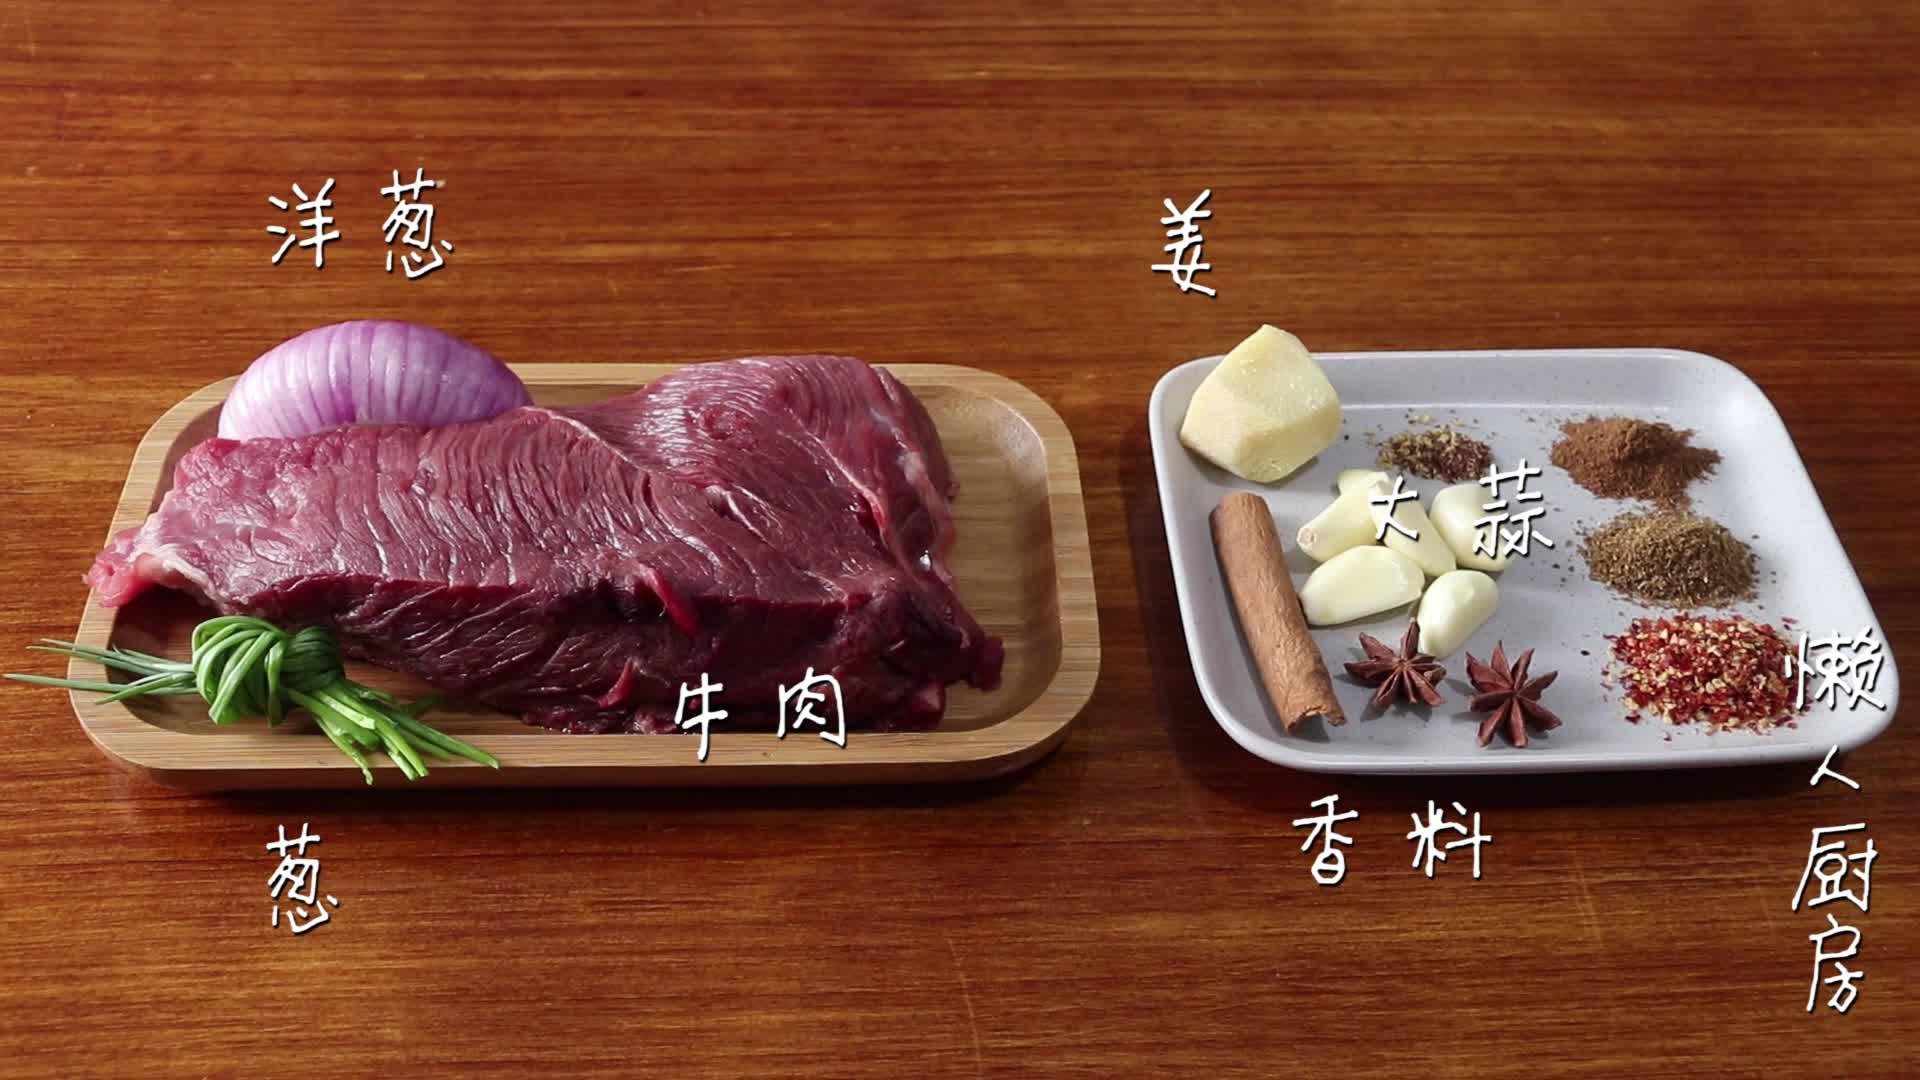 不用油炸,教你手撕牛肉干的做法,干香味足,越吃越香